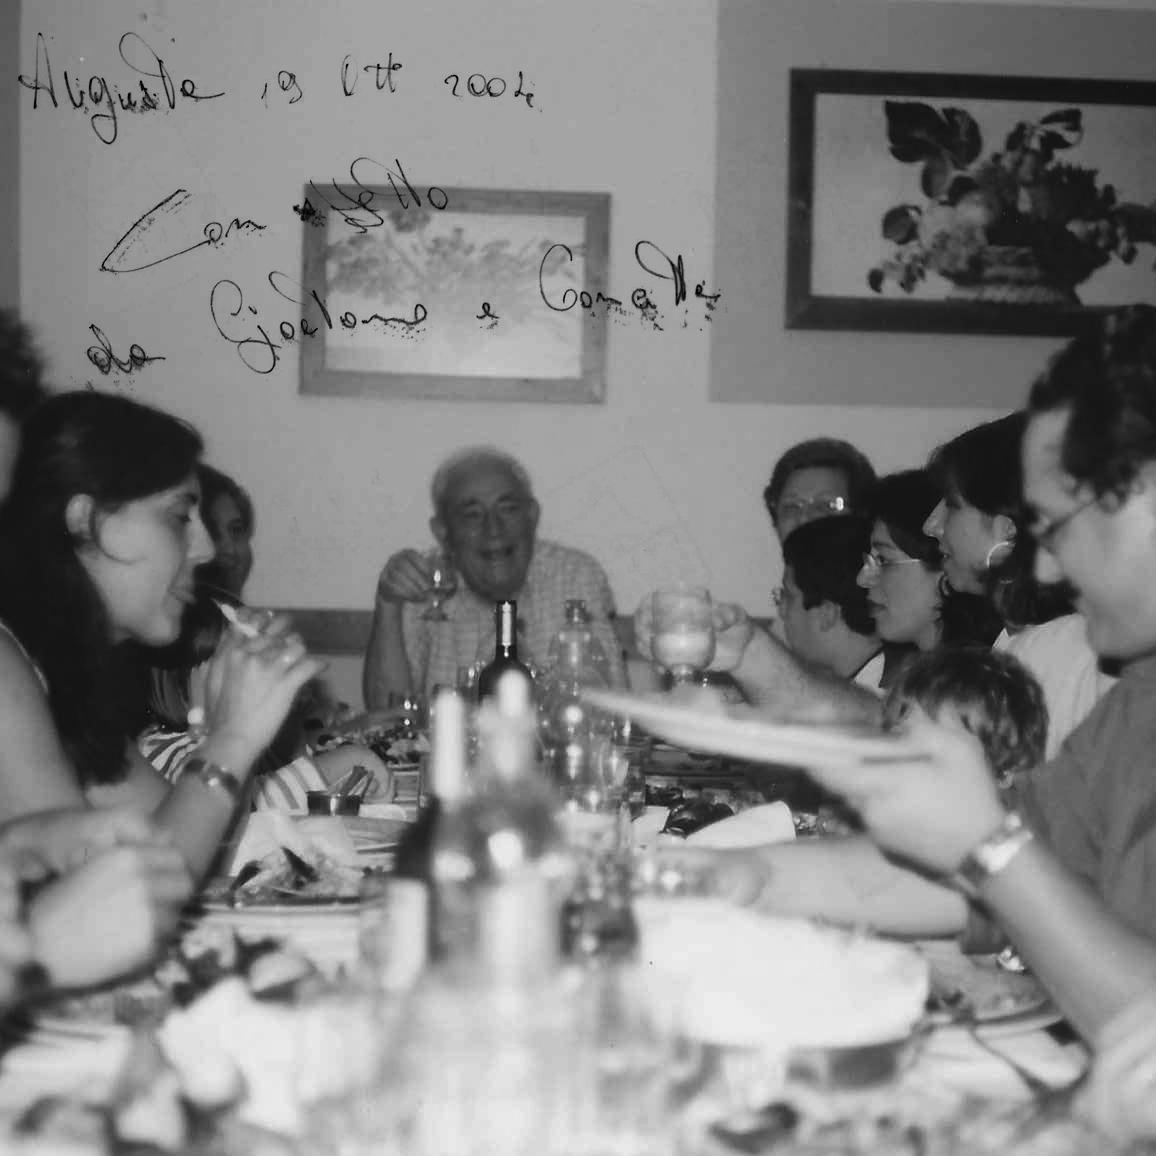 palio_dinner_table.jpg